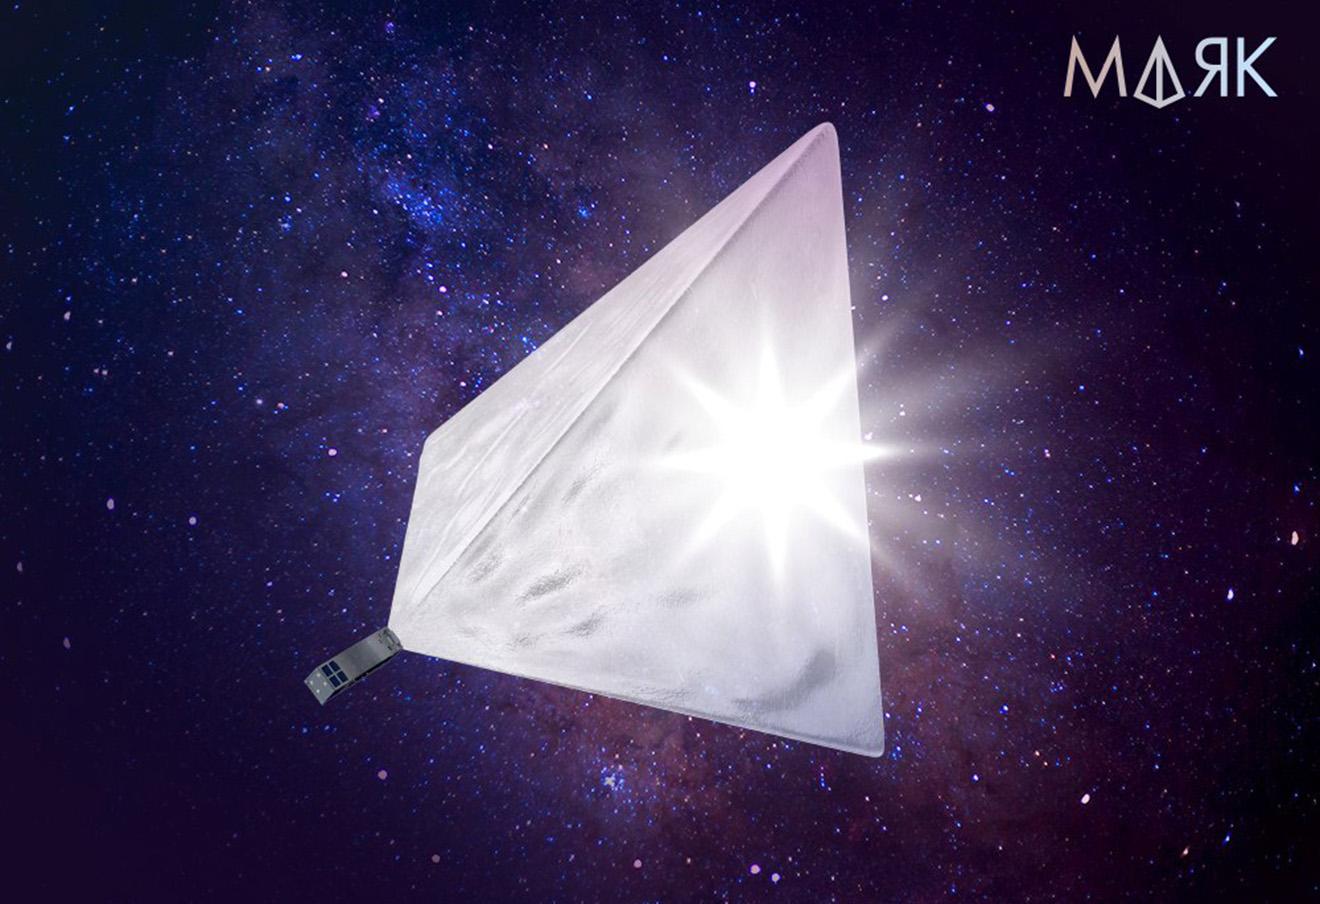 Развернутый отражатель пирамидальной формы и прямоугольный спутник